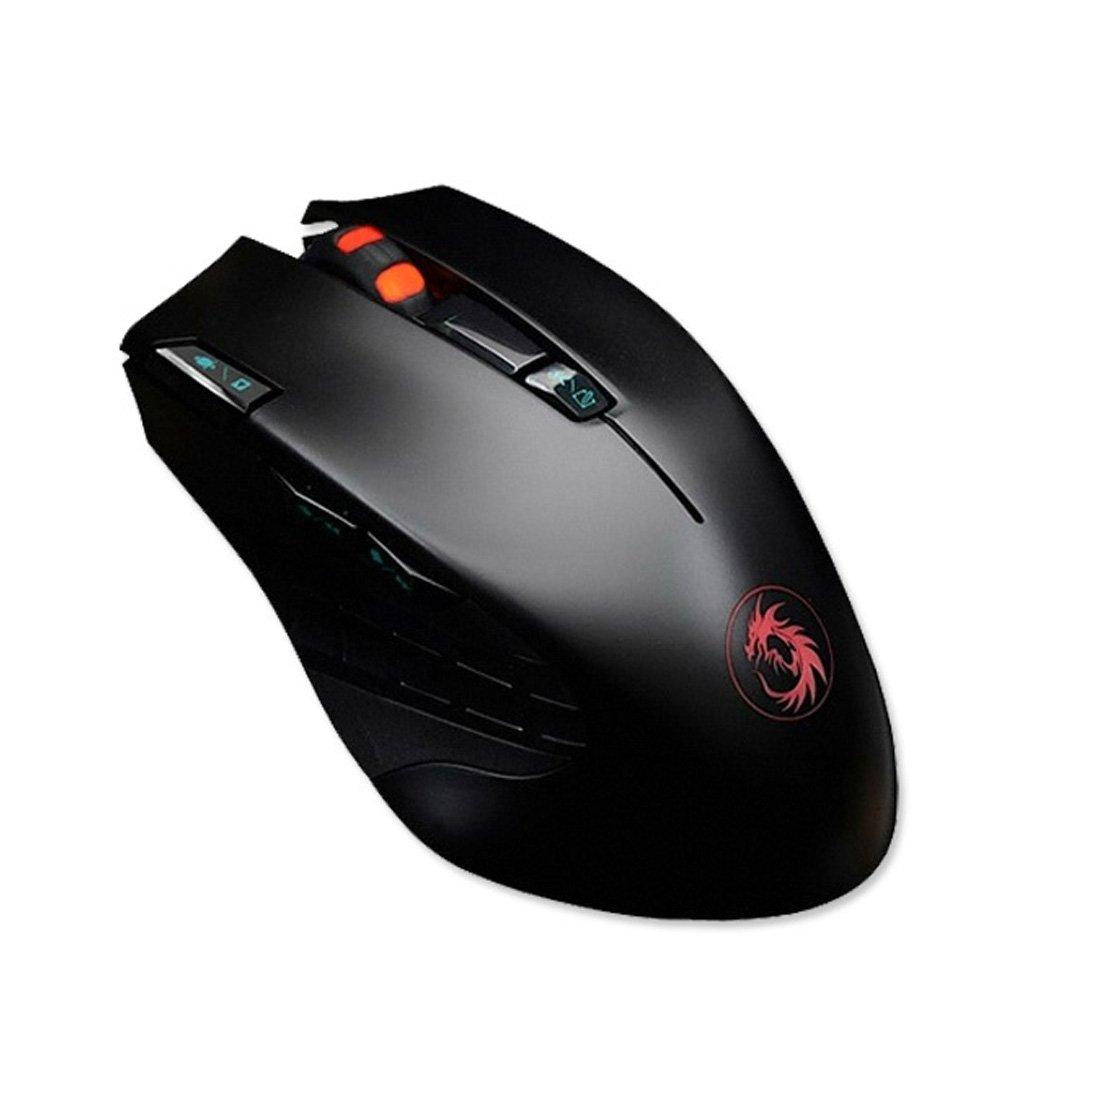 ワイヤレスゲームマウスDrakan gm20人間工学光学式マウス2400dpiデュアルモード B077D5QK71